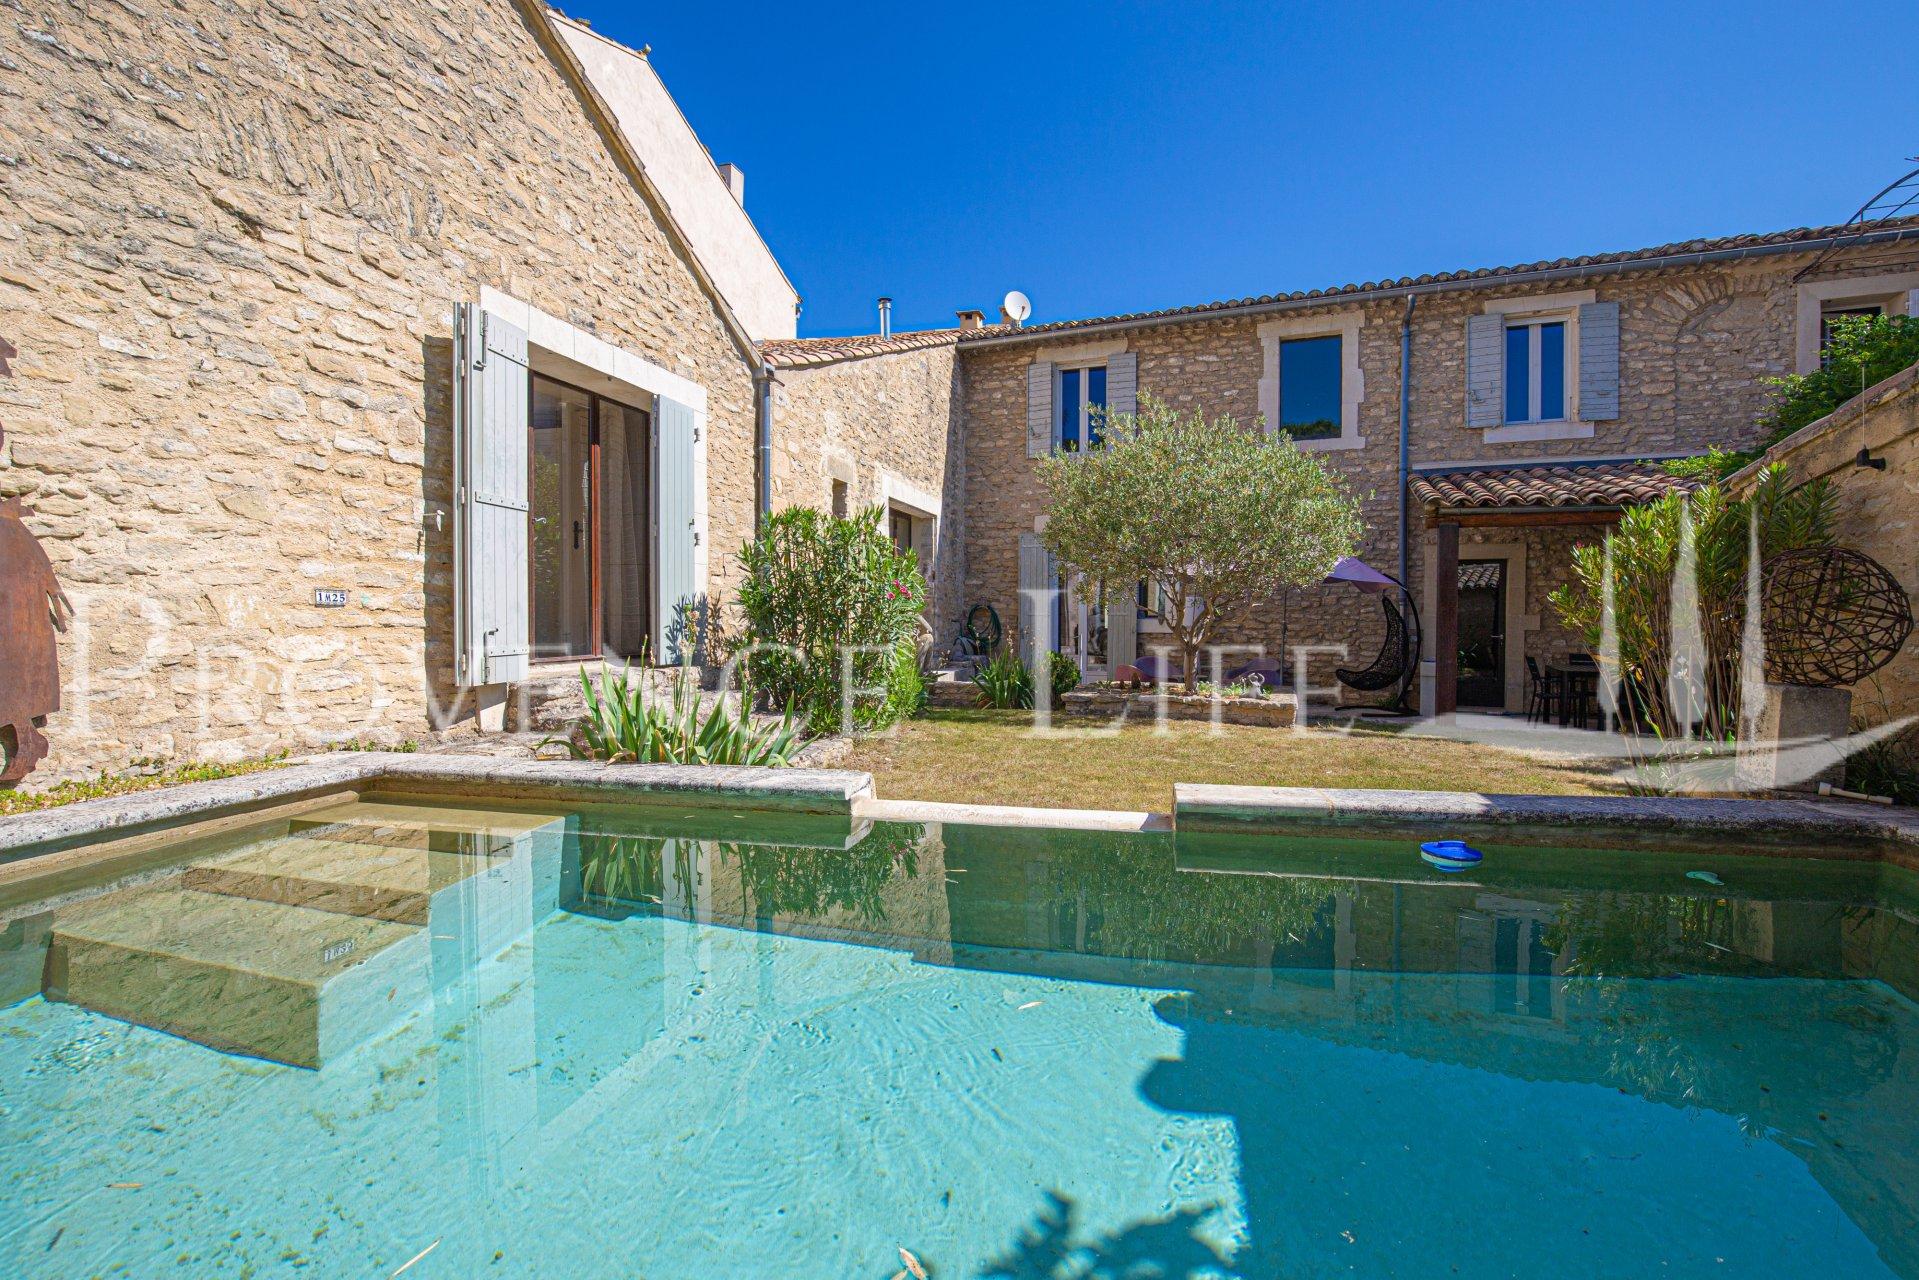 Villas for Sale - PLE1